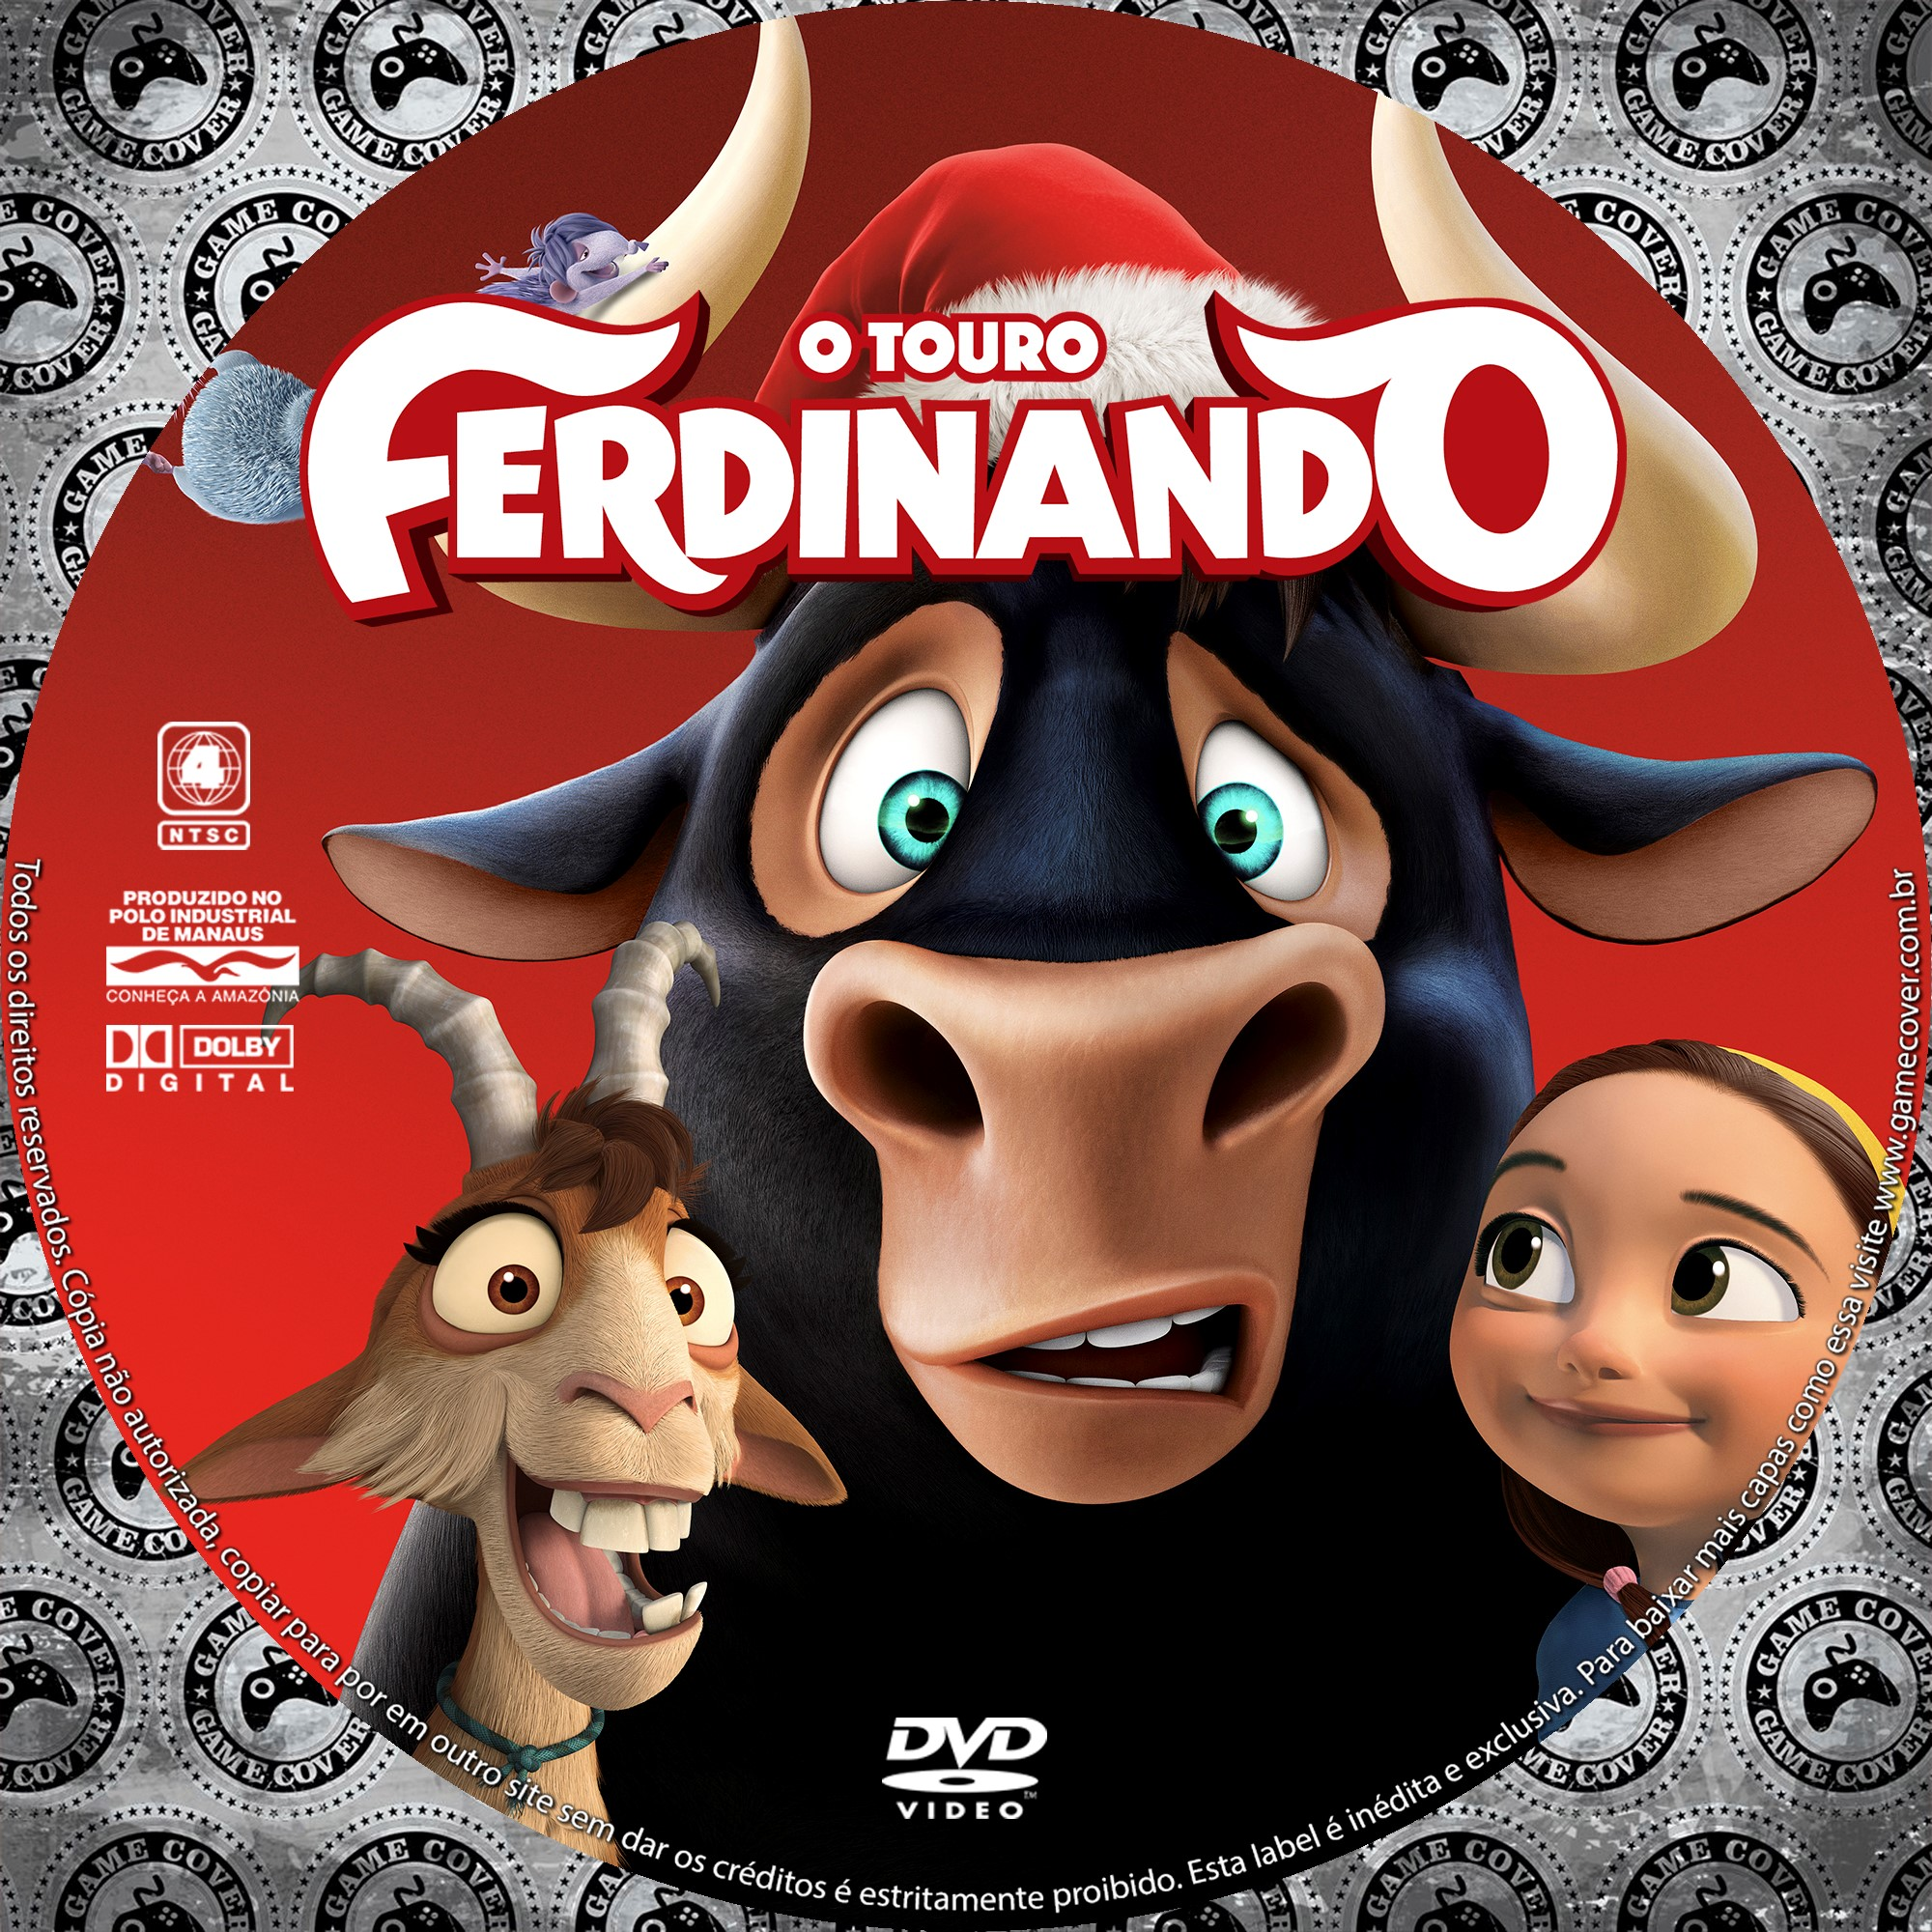 Capa Ferdinand Torrent Dublado 720p 1080p 5.1 Baixar